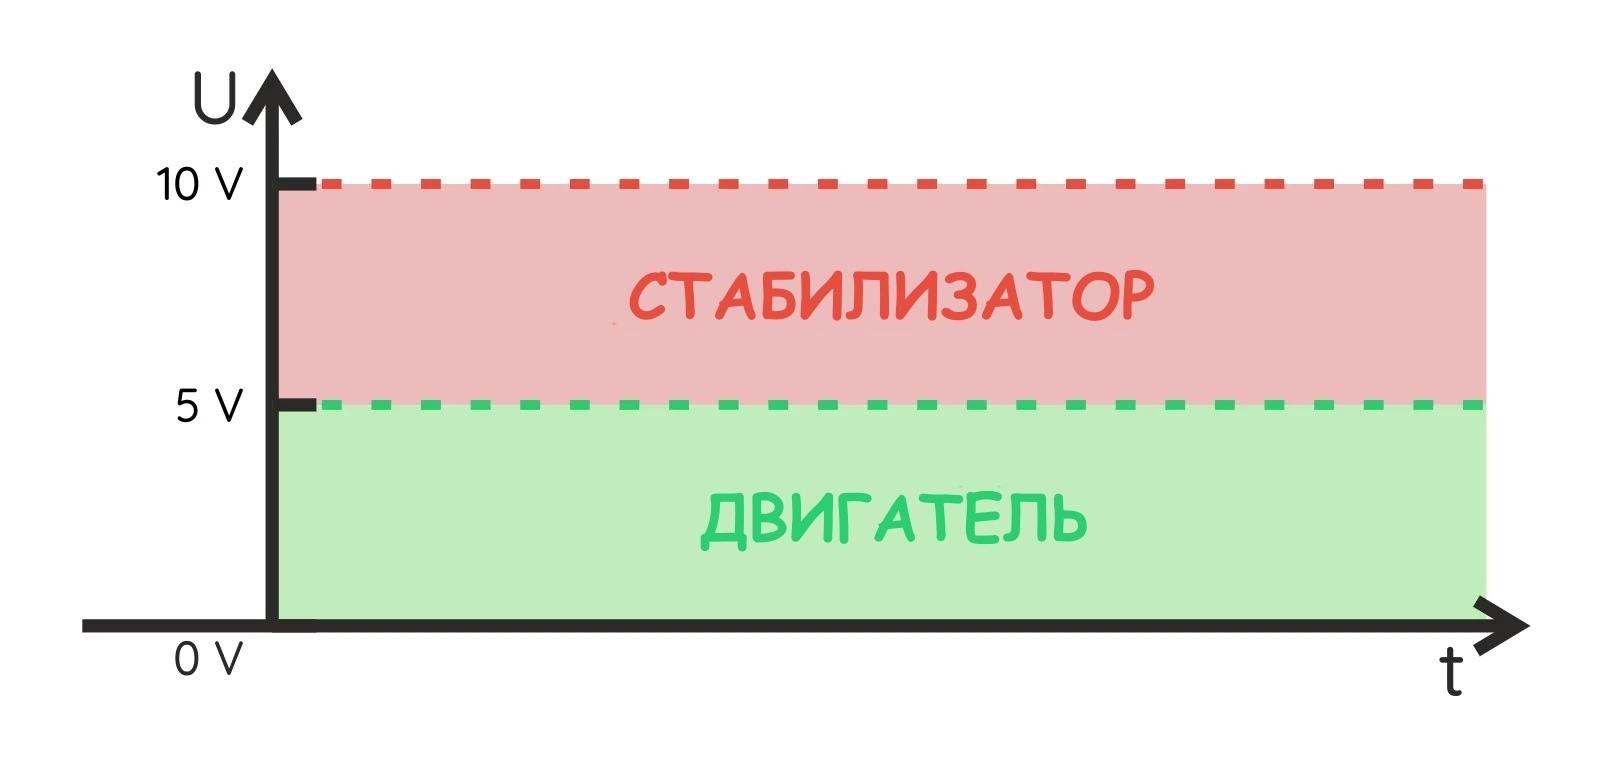 Распределение напряжения при питании двигателя от стабилизатора